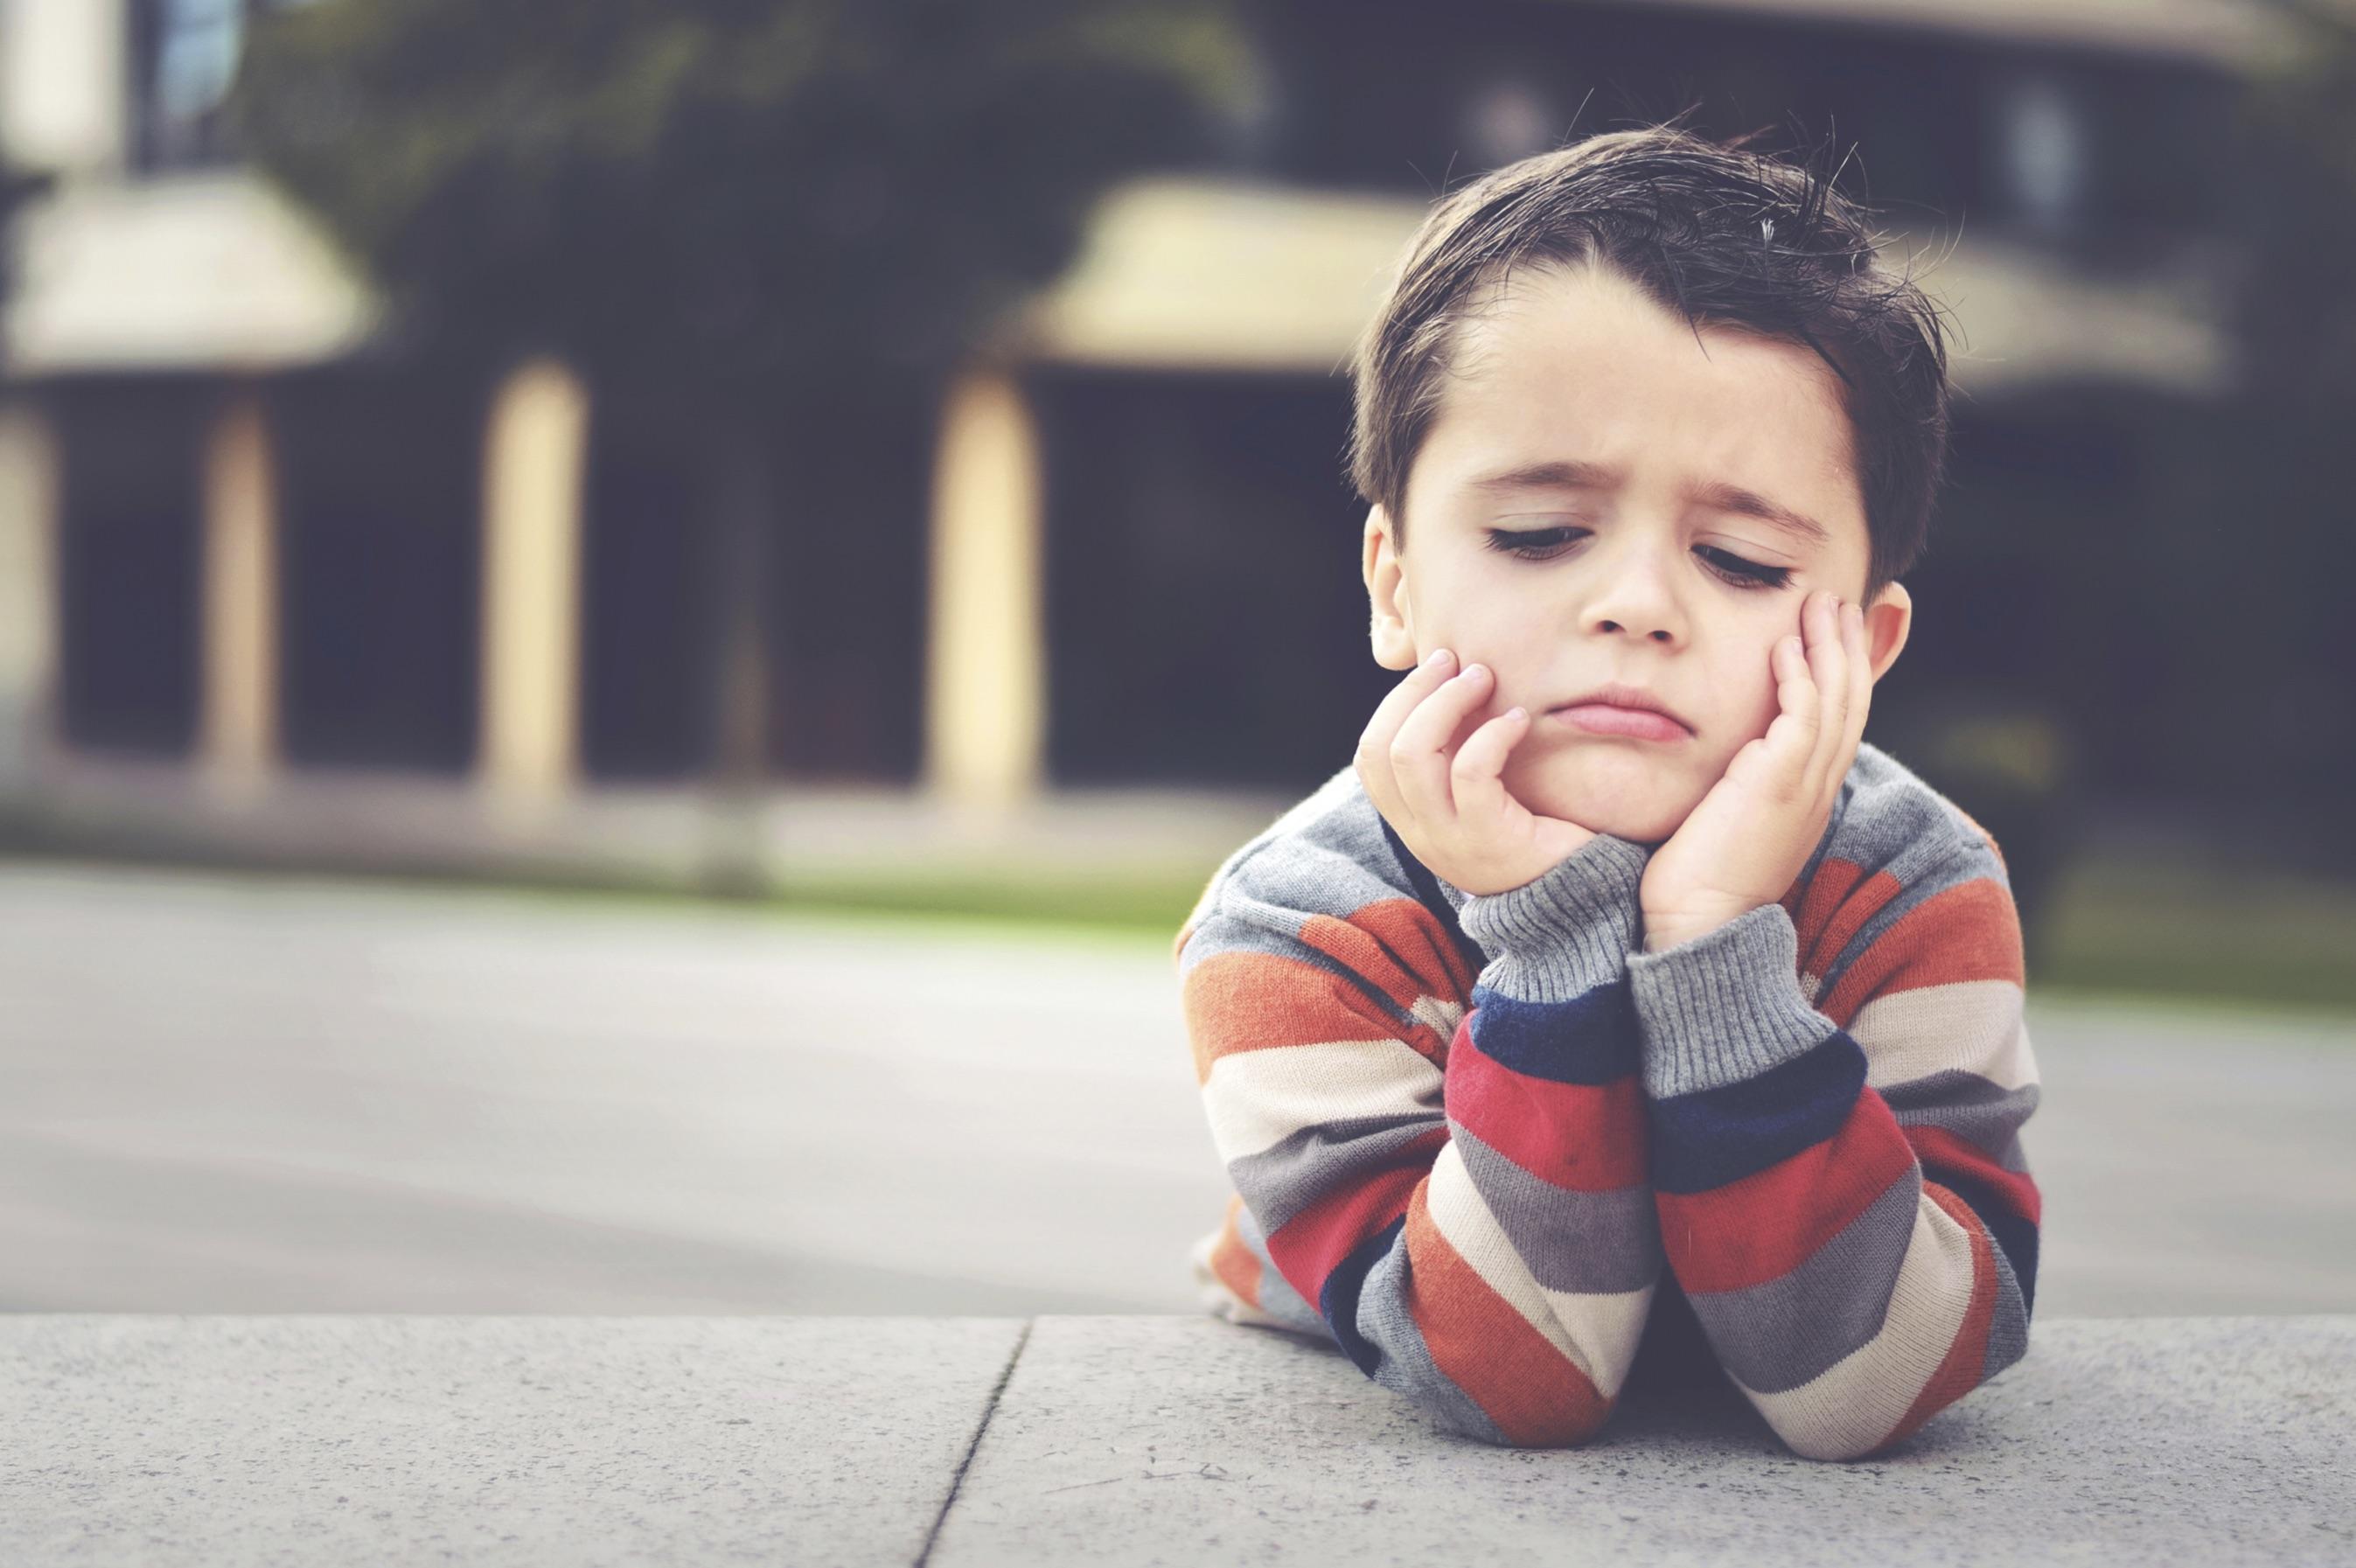 emotion regulation in children edmonton